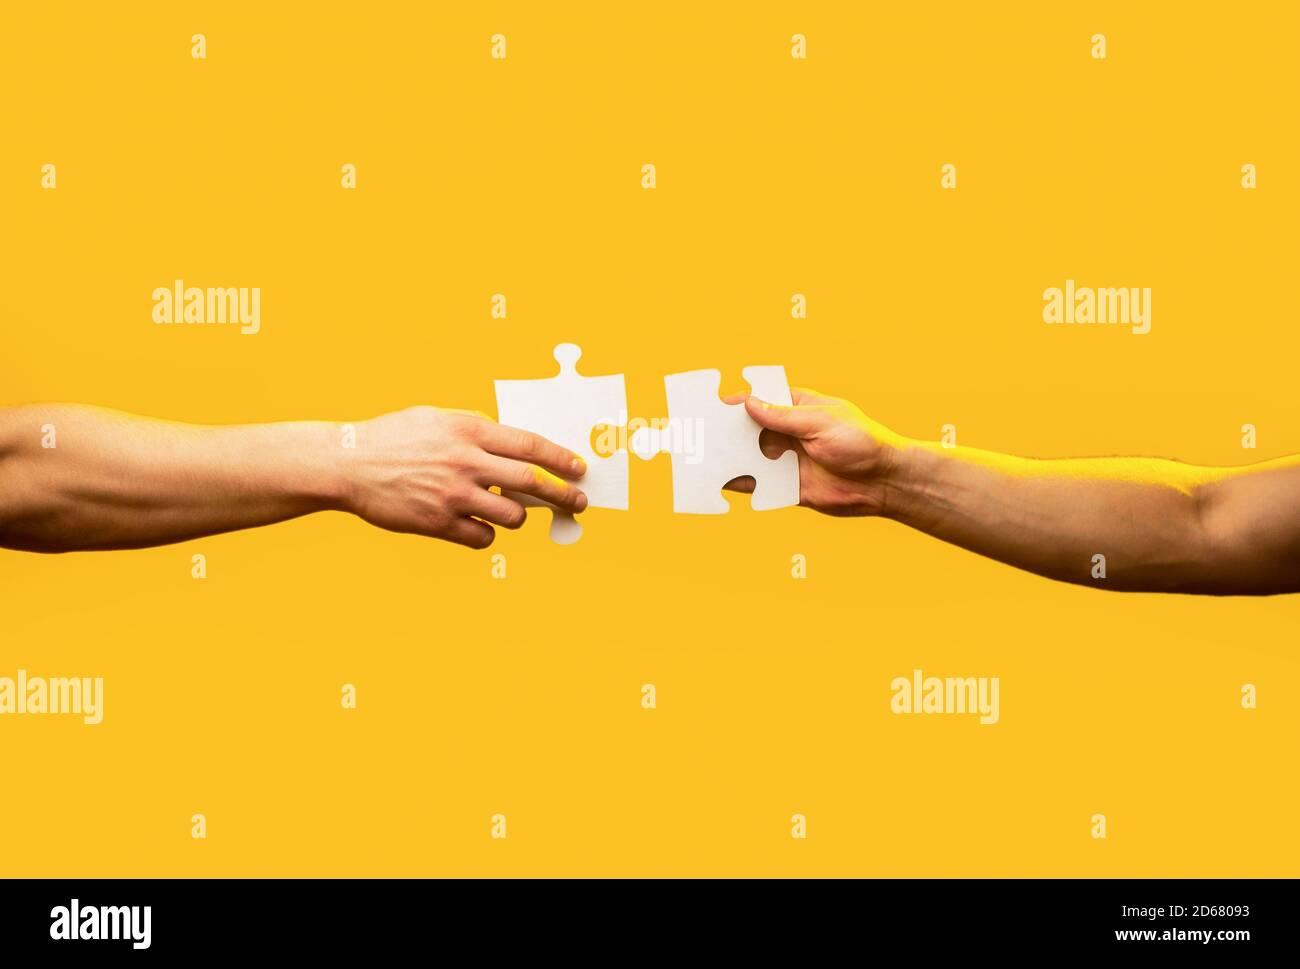 Pièce de puzzle main homme reliant couple. Solutions d'affaires, cible, succès, objectifs et concepts de stratégie. Puzzle à connexion manuelle. Entreprise Banque D'Images